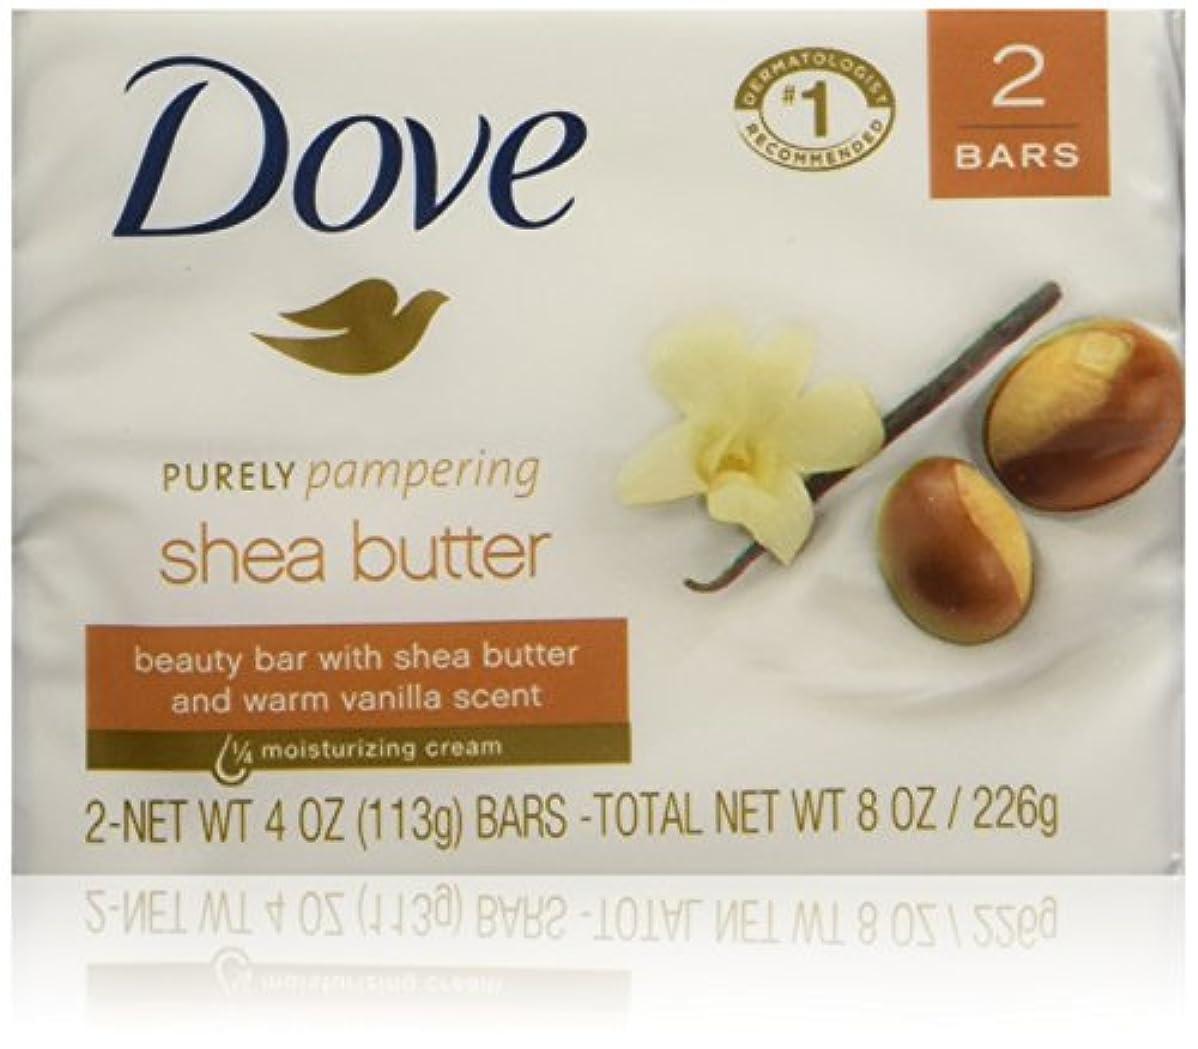 脱走不適切な蒸気Dove Nourishing Care Shea Butter Moisturizing Cream Beauty Bar 2-Count 120 g Soap by Dove